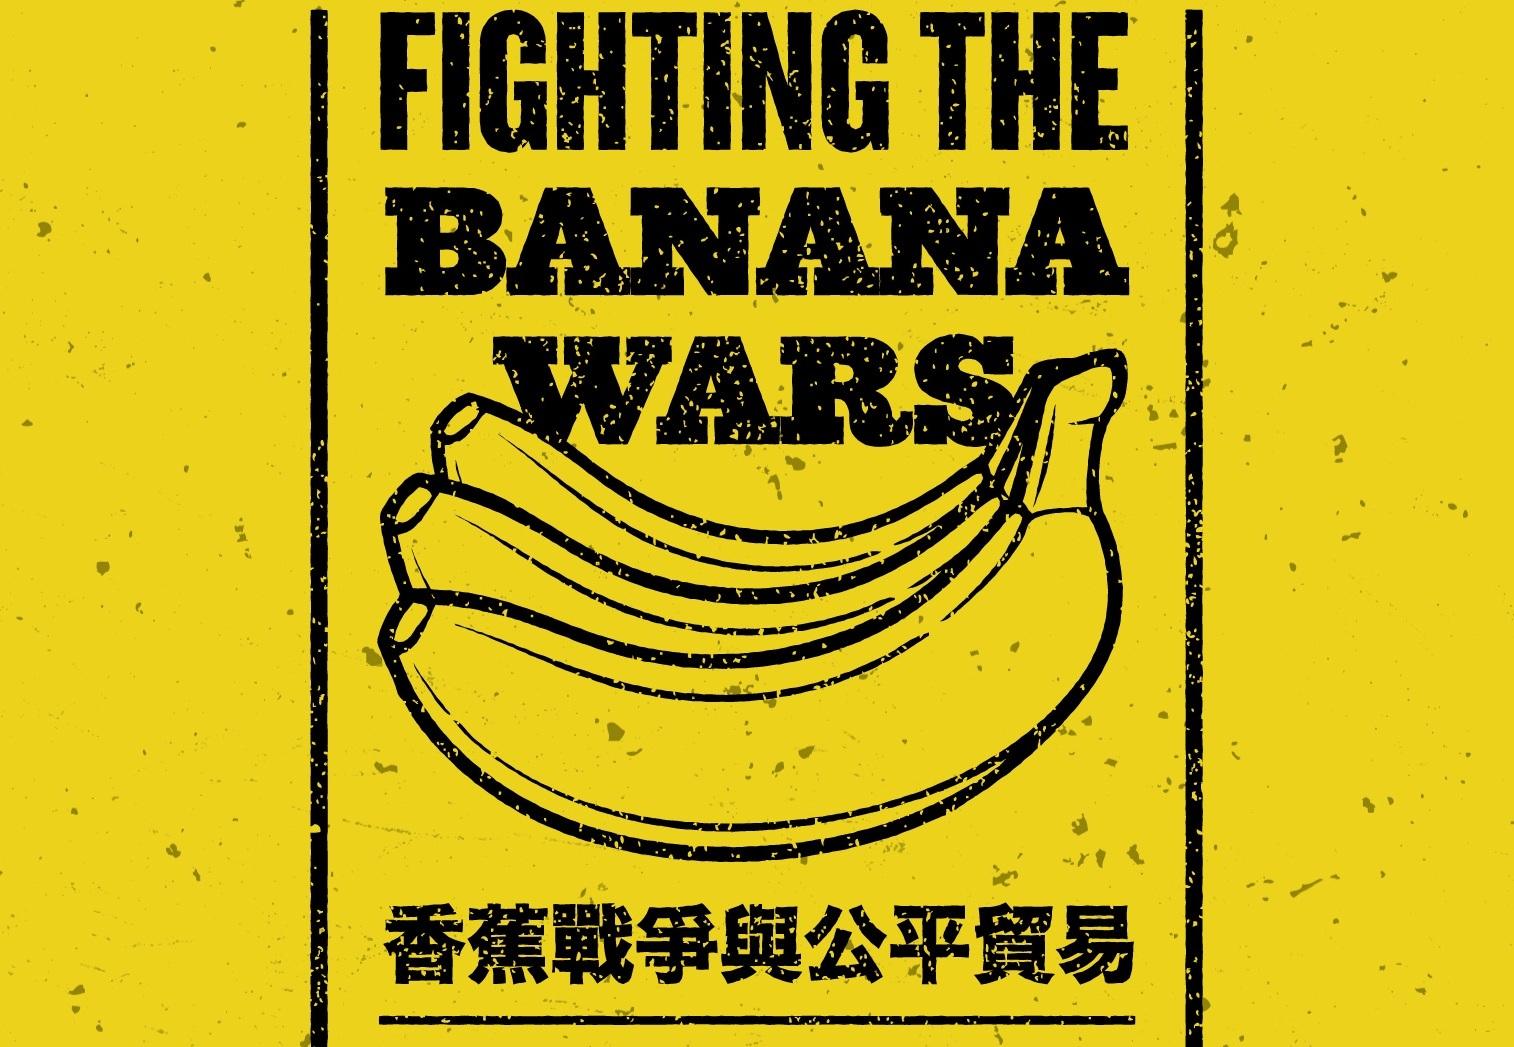 香蕉广告牌匾设计